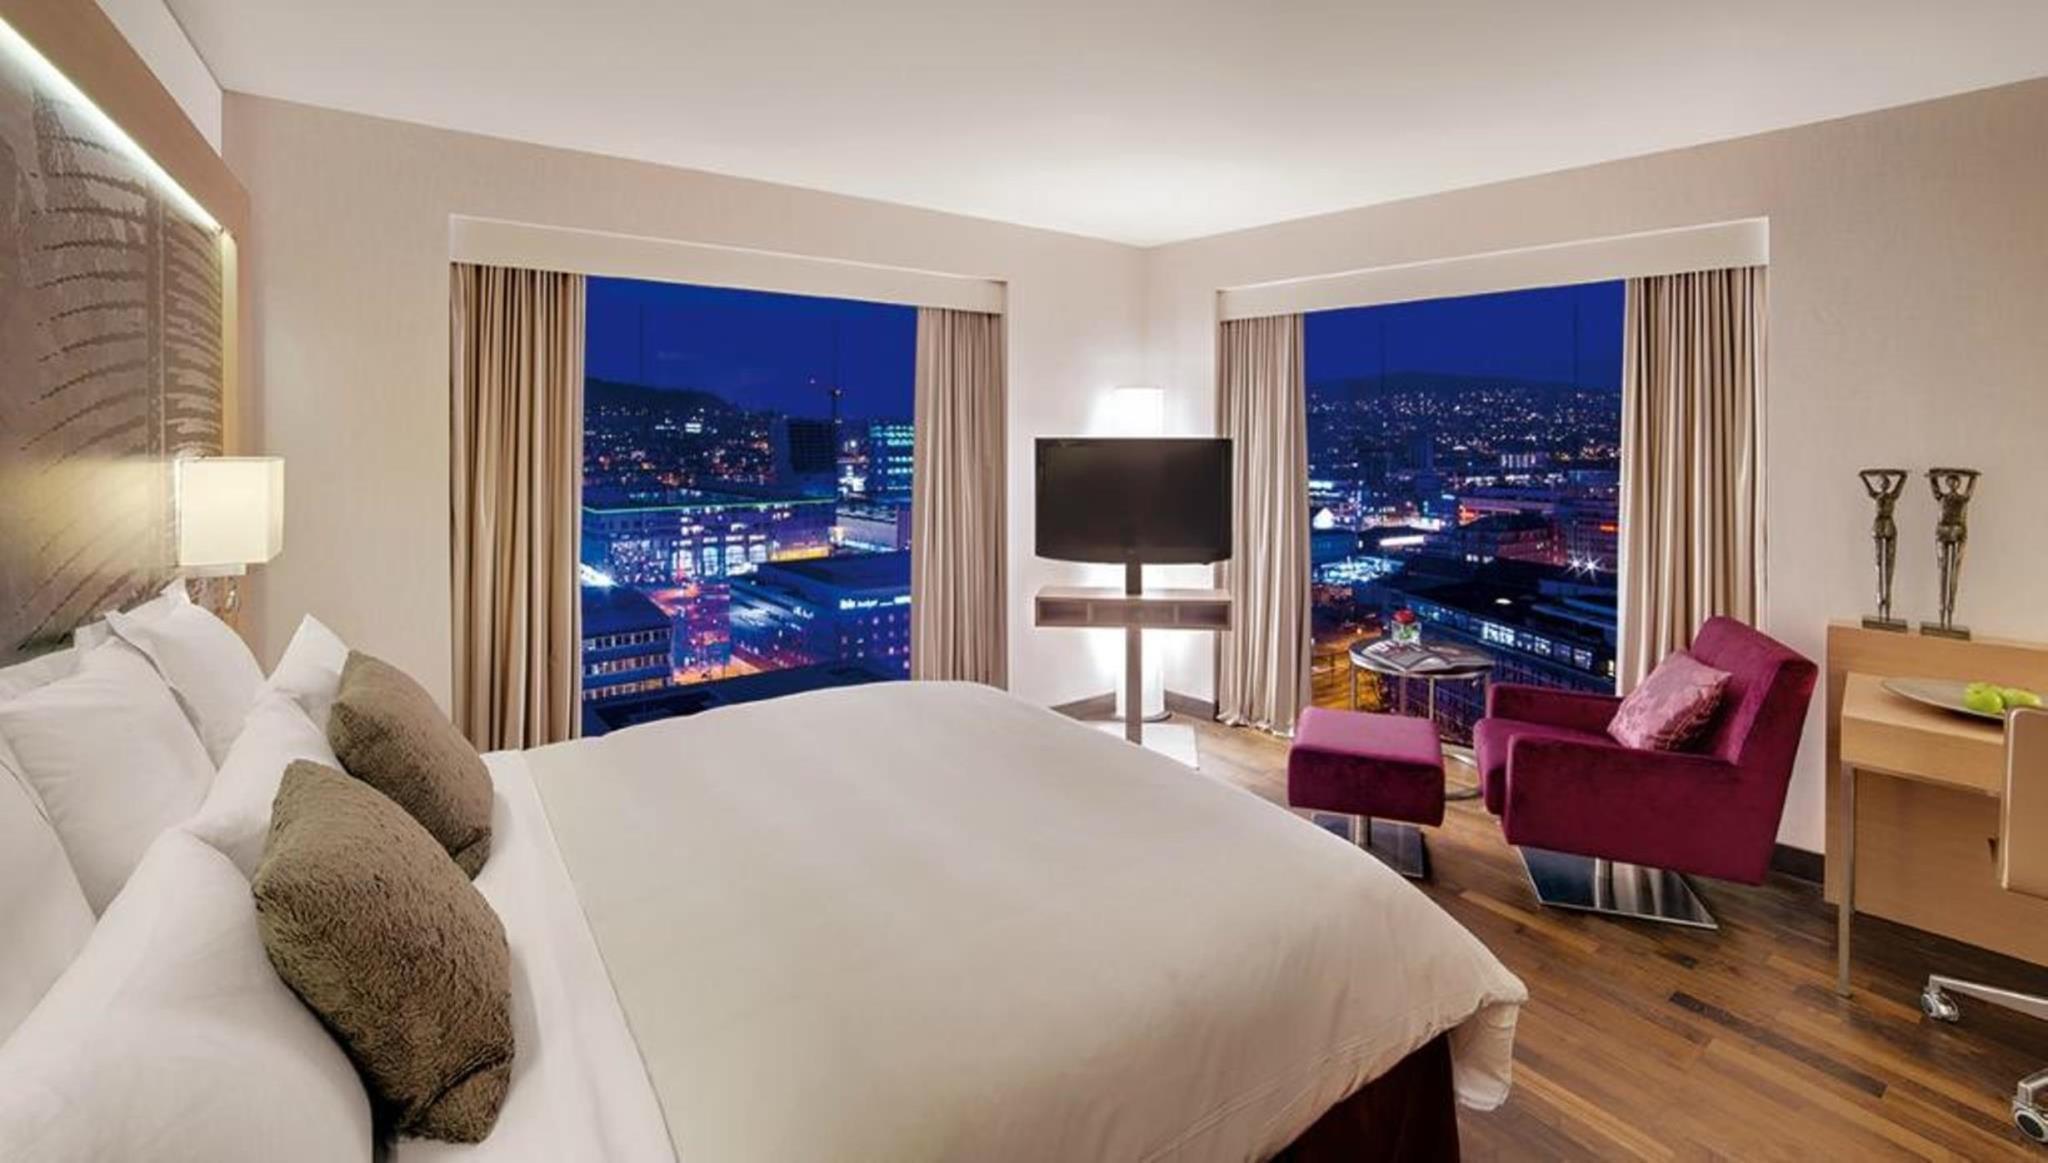 renaissance zurich tower hotel in switzerland room deals photos rh agoda com renaissance zurich tower hotel email renaissance zurich tower hotel zurich